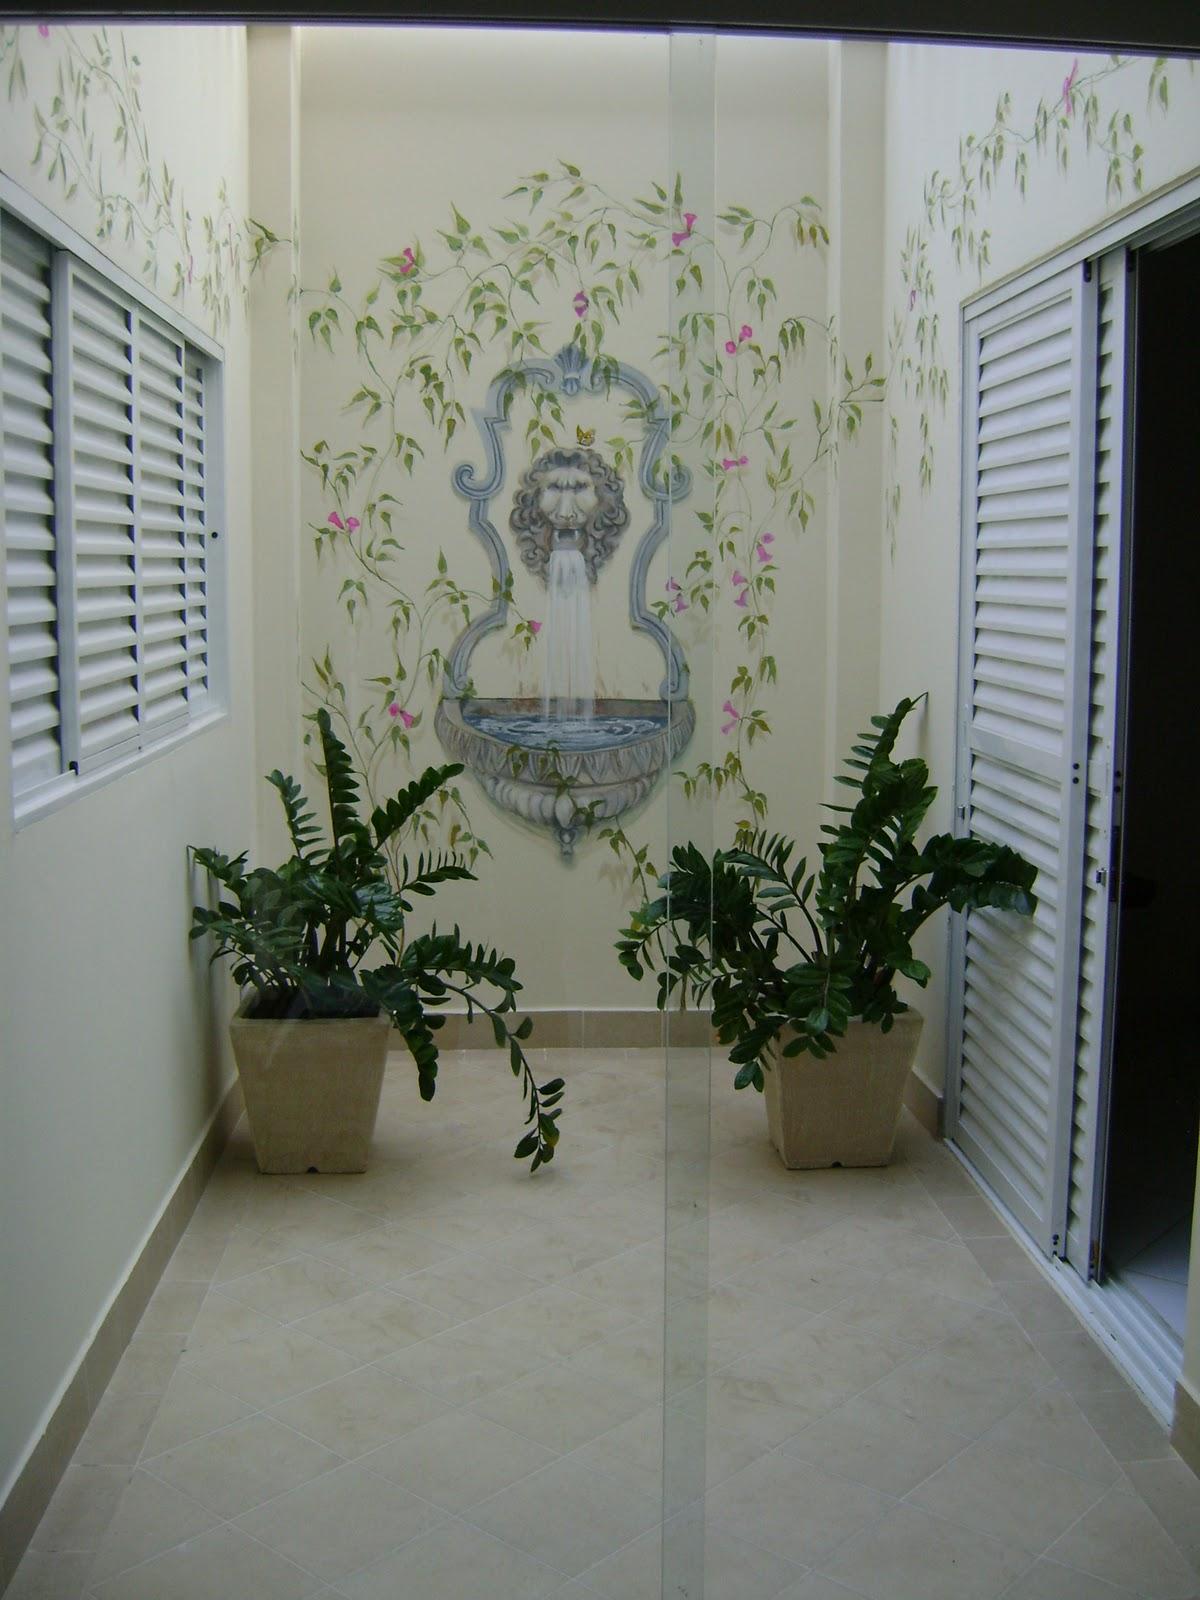 #23281C Capela de Vidro: Fonte no jardim de inverno 224 Janelas De Vidro Para Jardim De Inverno